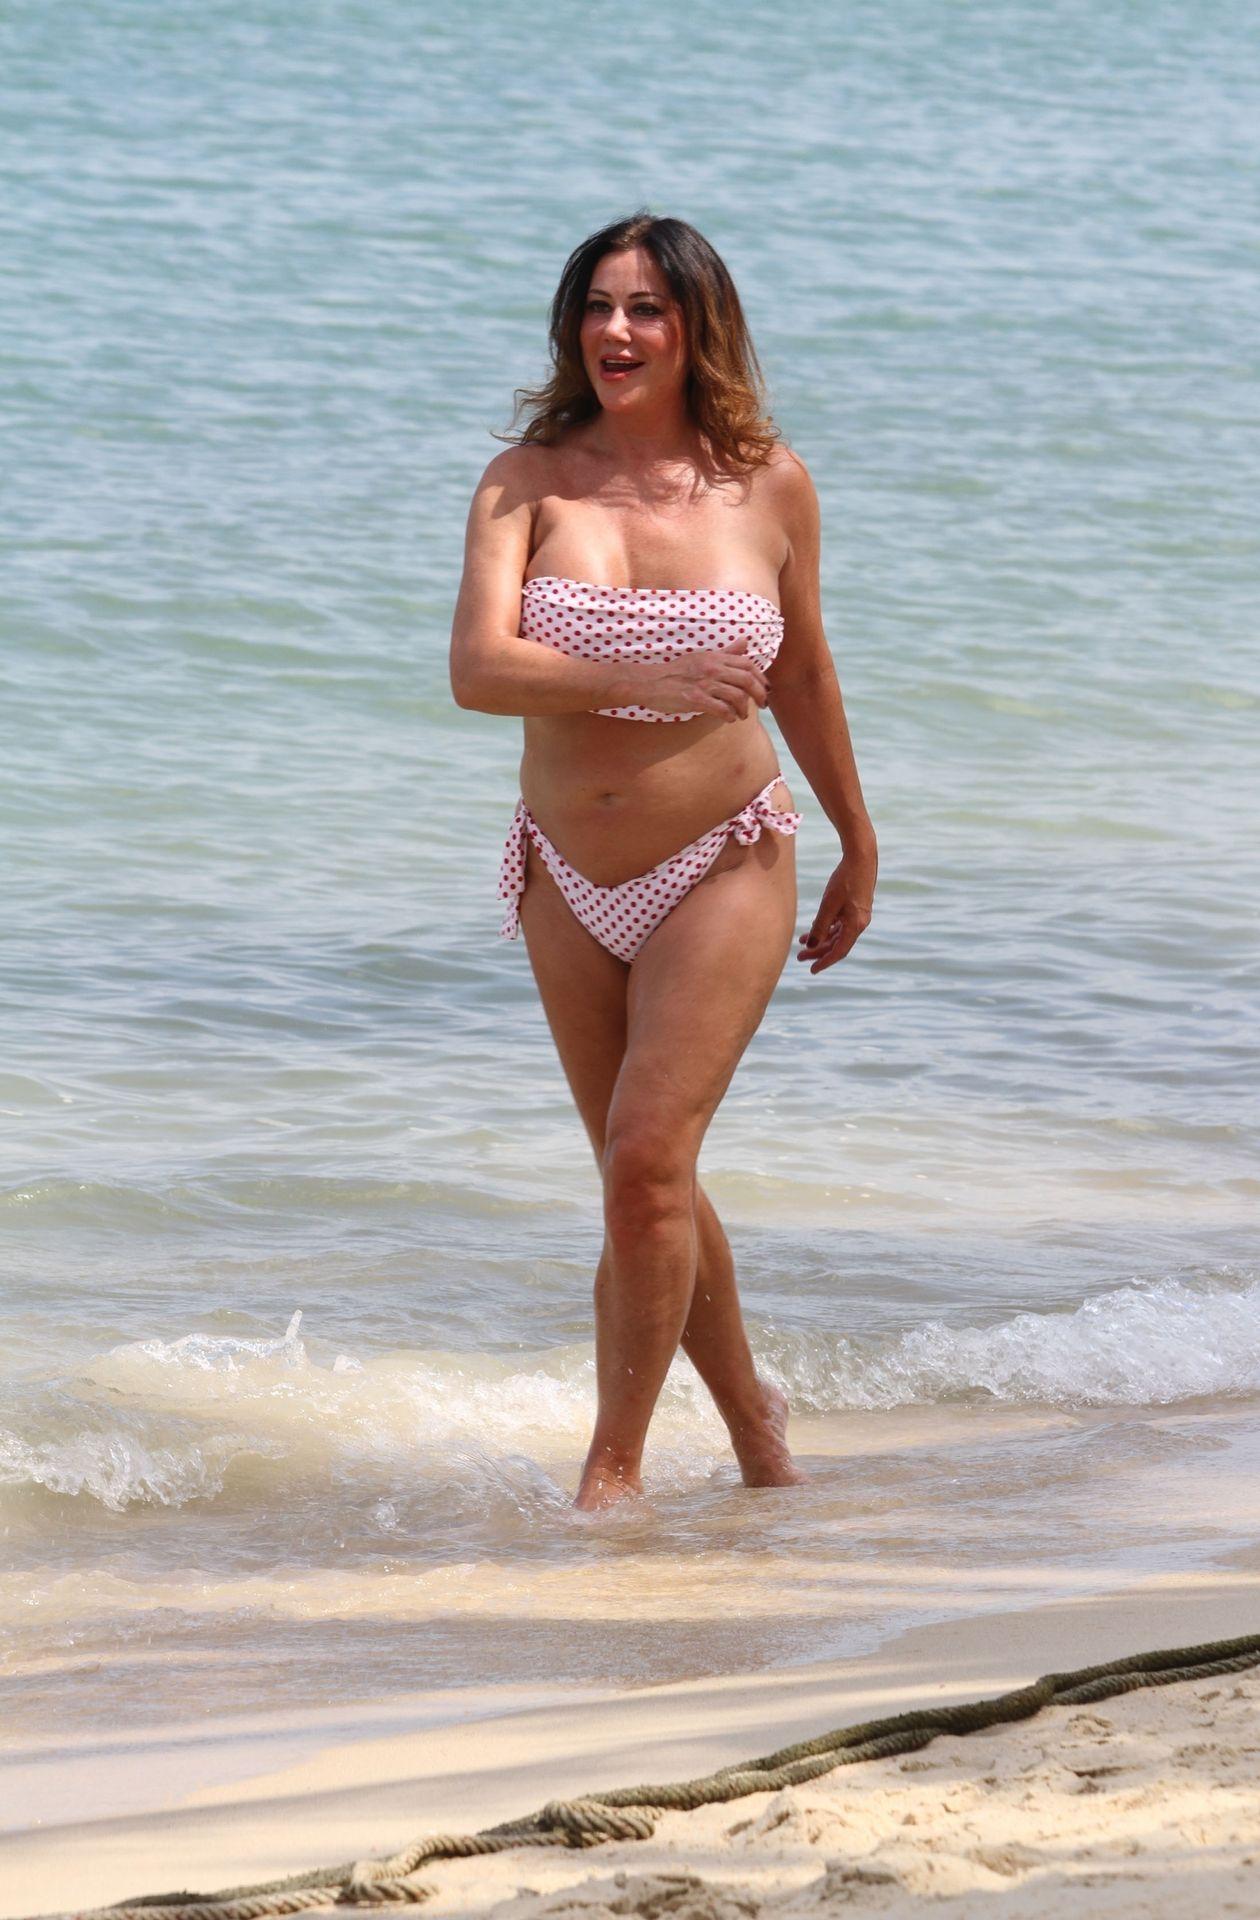 Lisa Appleton Hot & Topless 0030